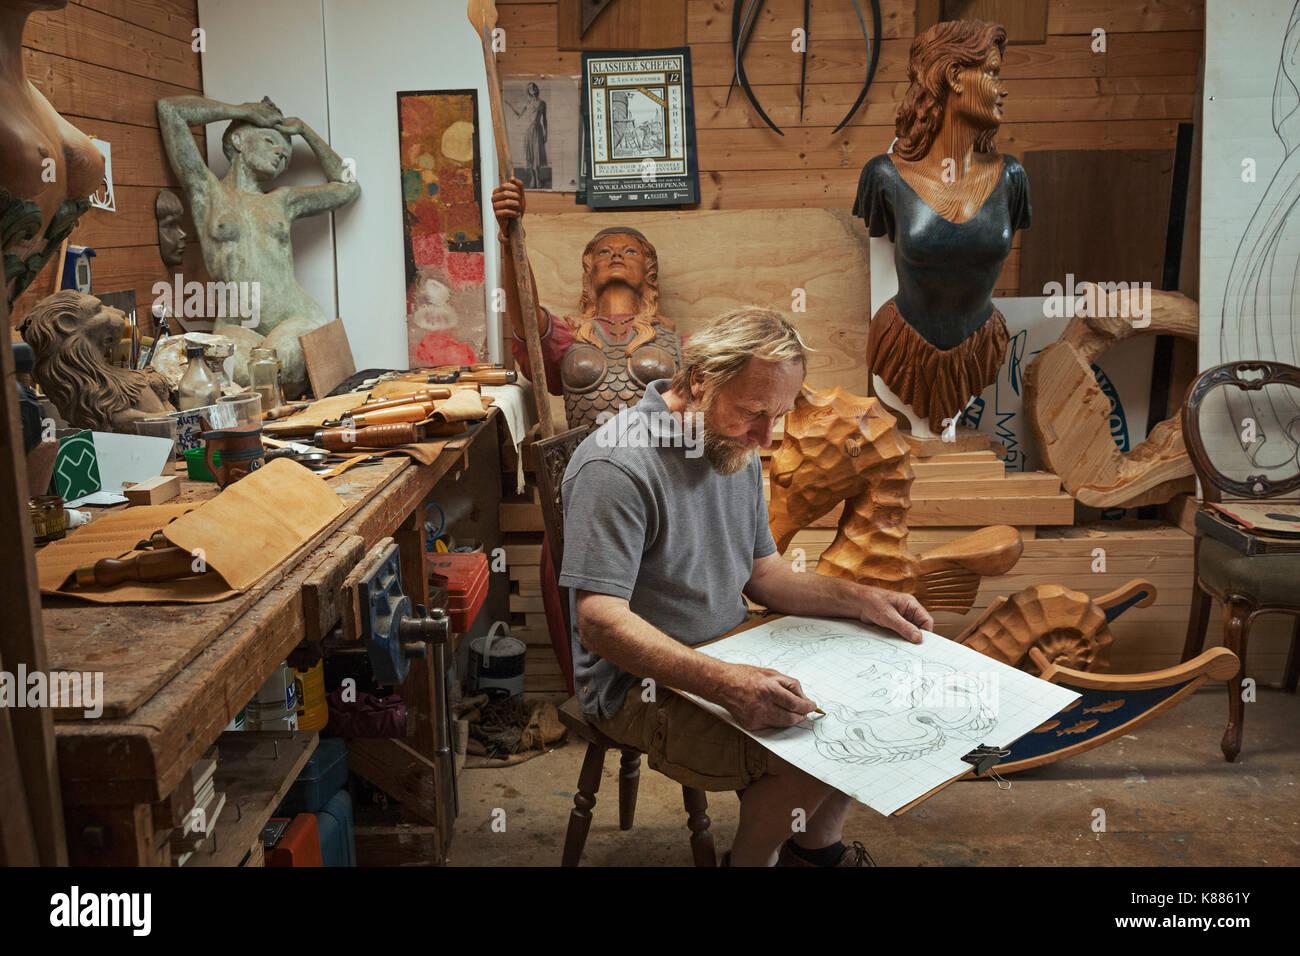 Trouver Un Artisan Menuisier un artisan menuisier, assis sur un tabouret dans un atelier